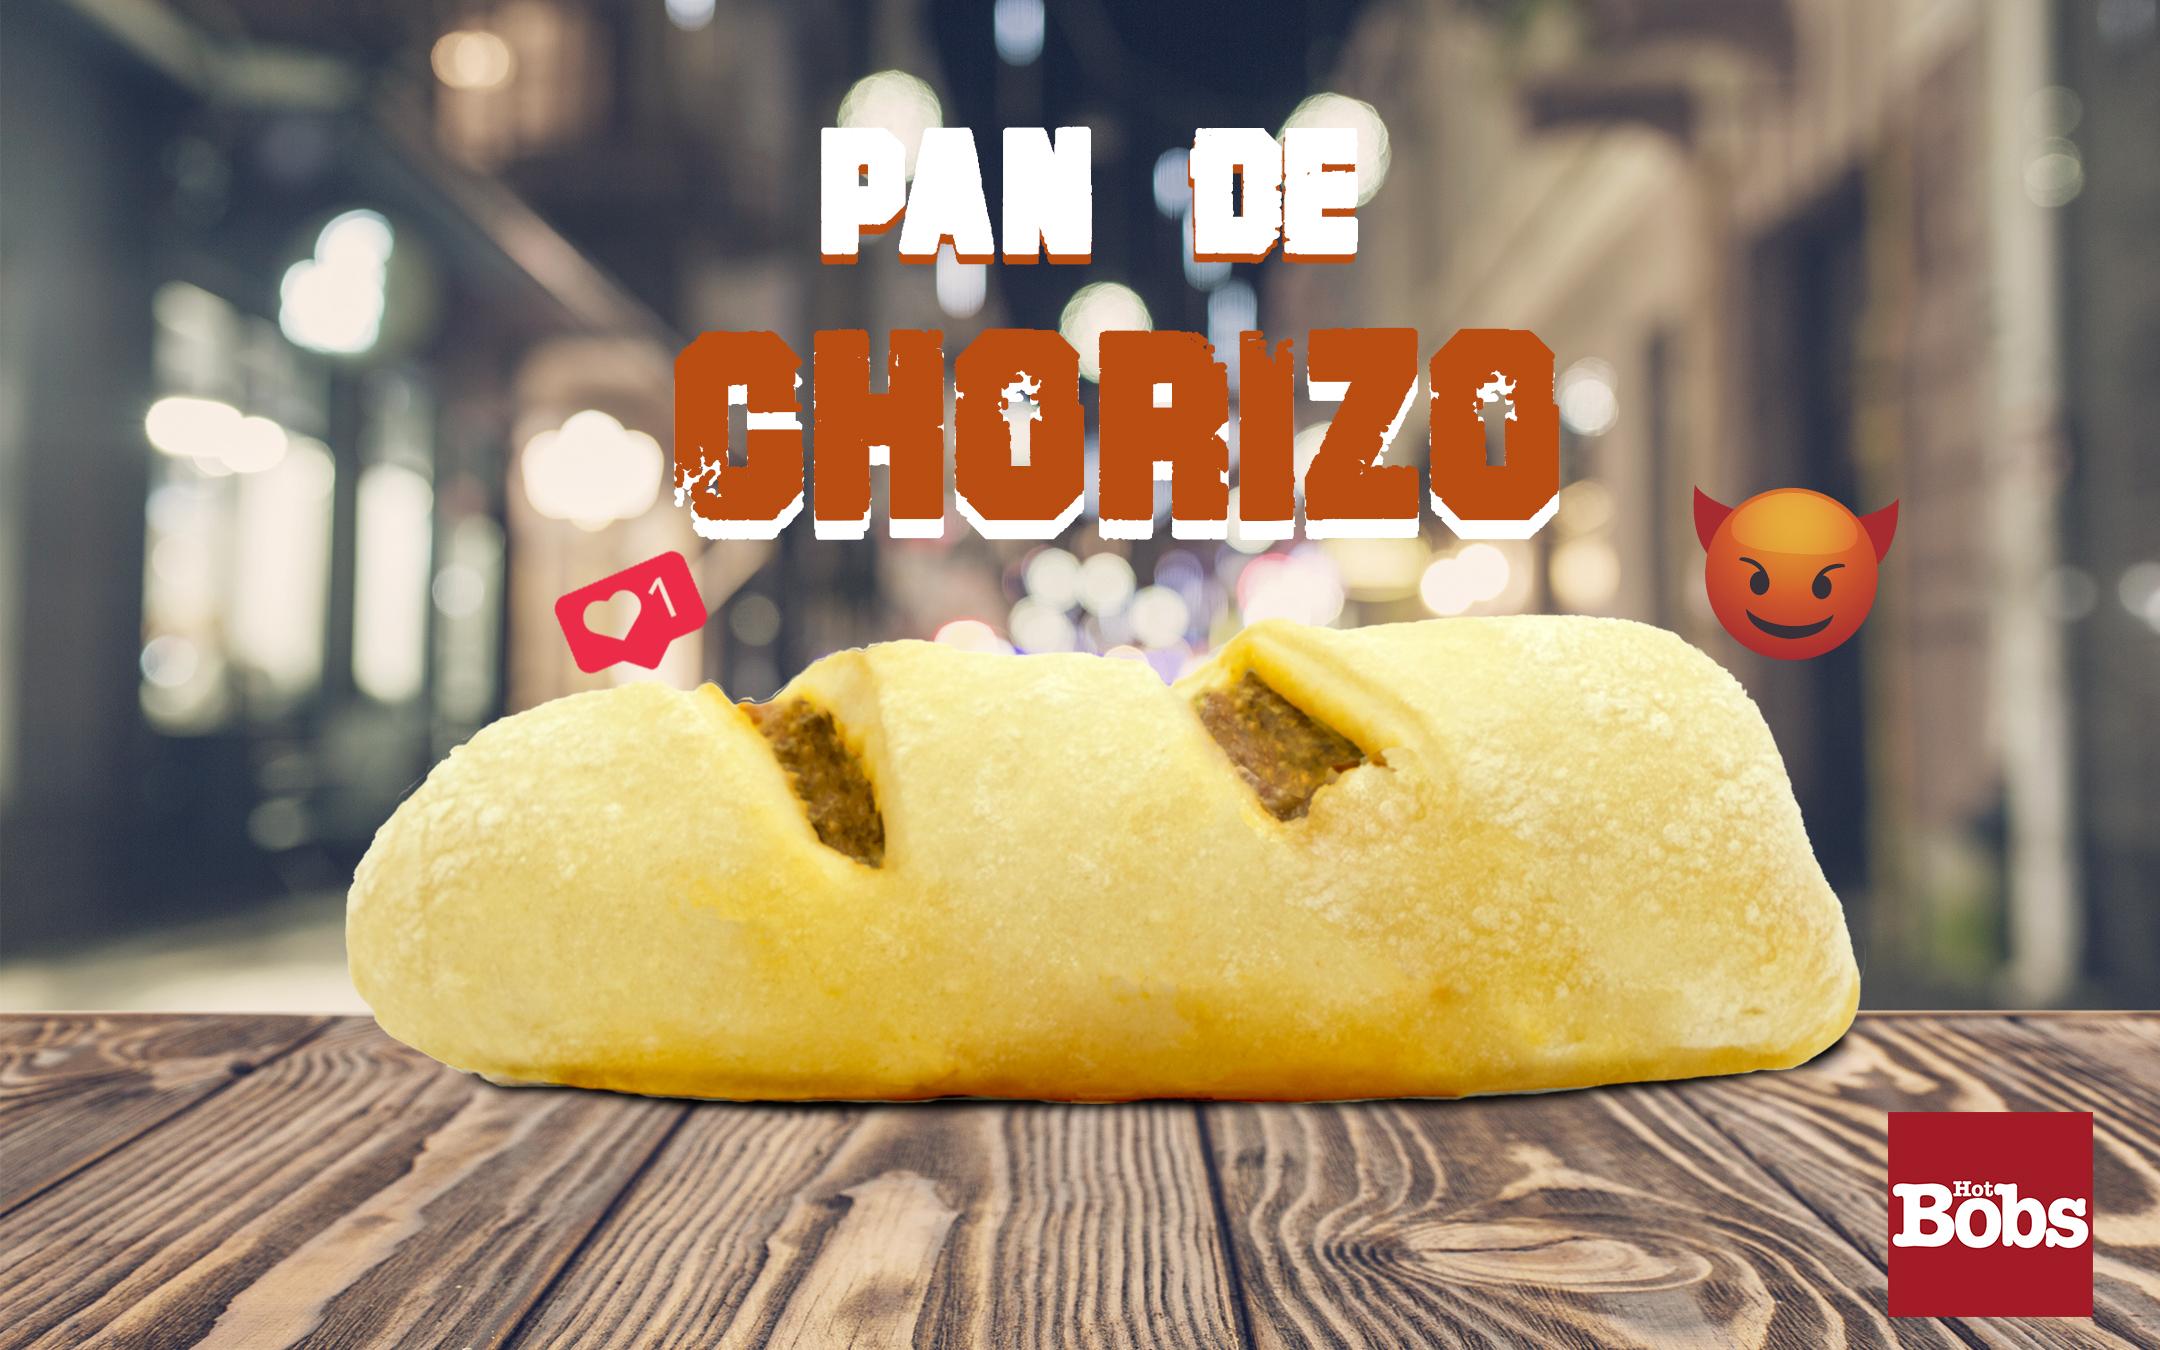 Pan de chorizo Vending Hot Bobs